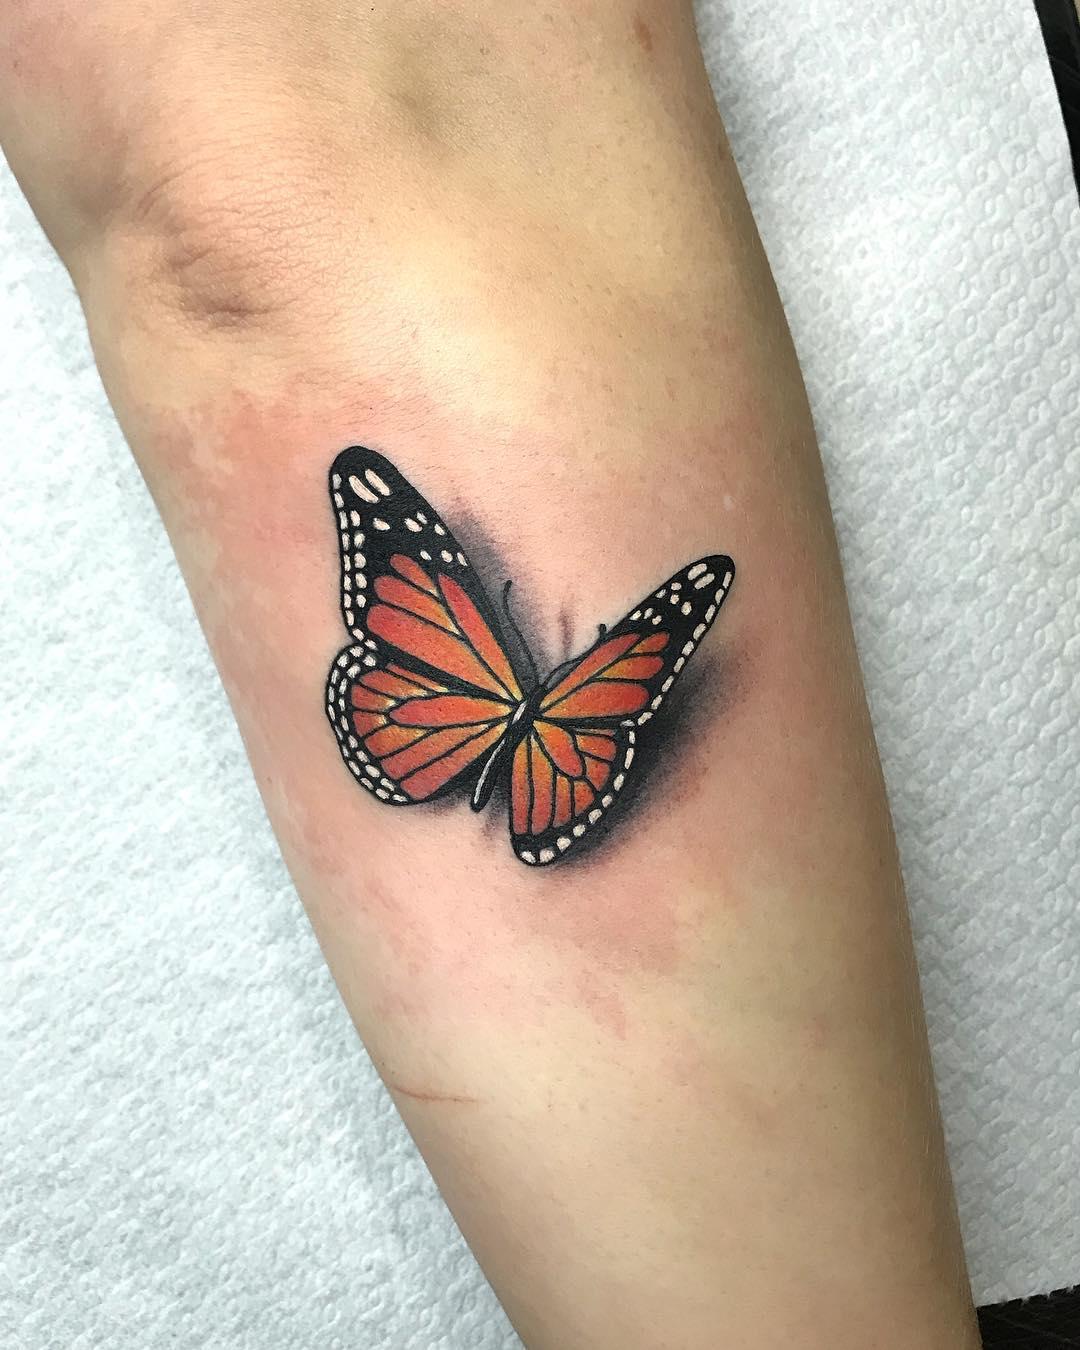 小臂彩色蝴蝶纹身图案